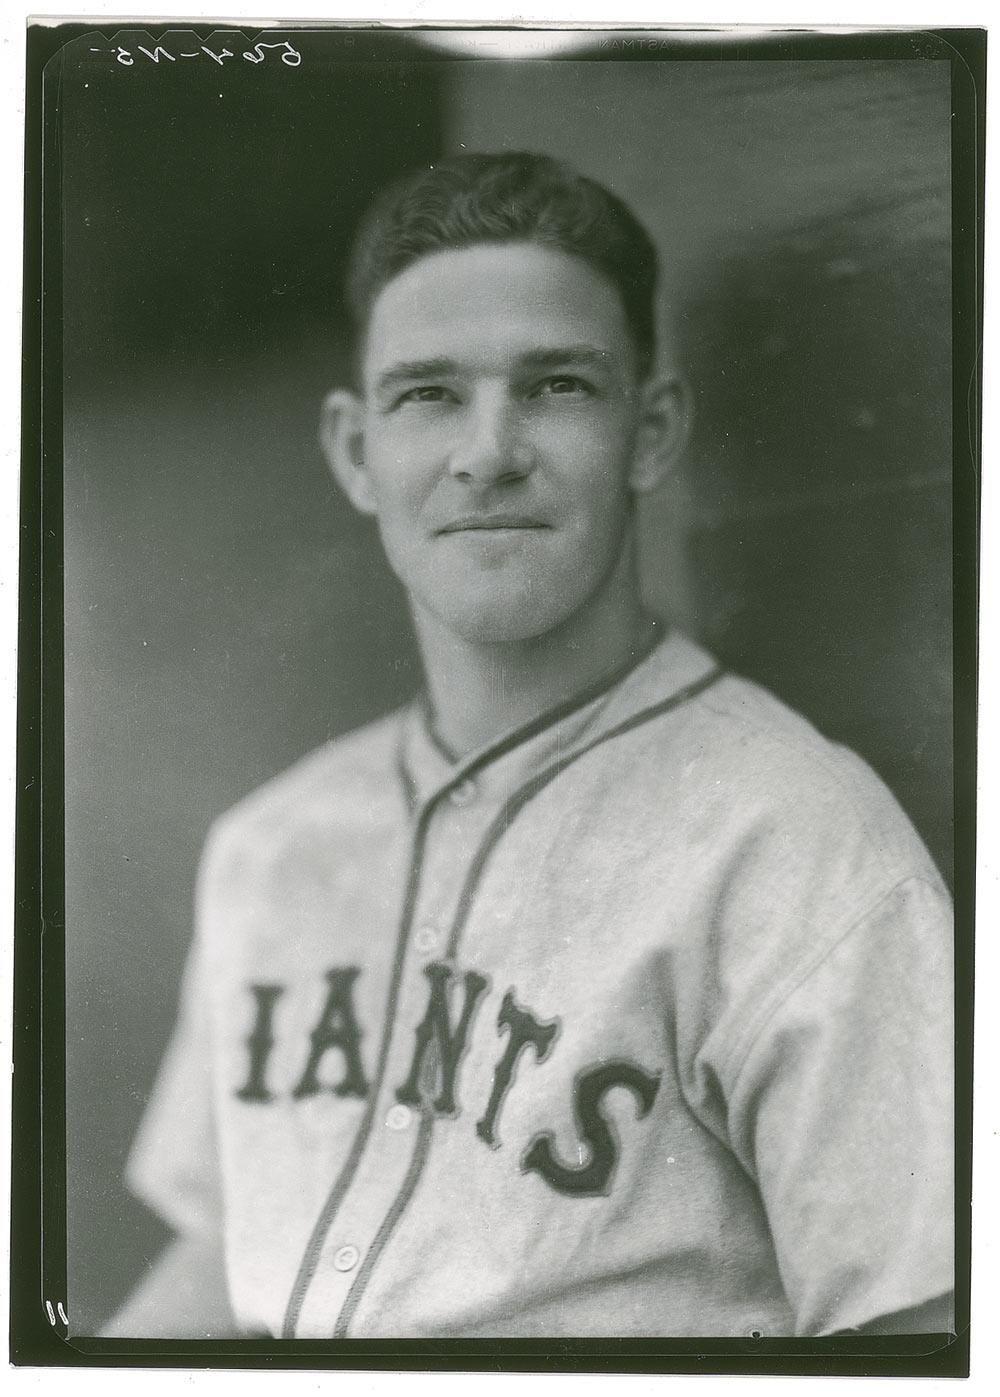 Mel Ott New York Giants 1927 Giants Baseball Sf Giants Baseball Custom Baseball Jersey